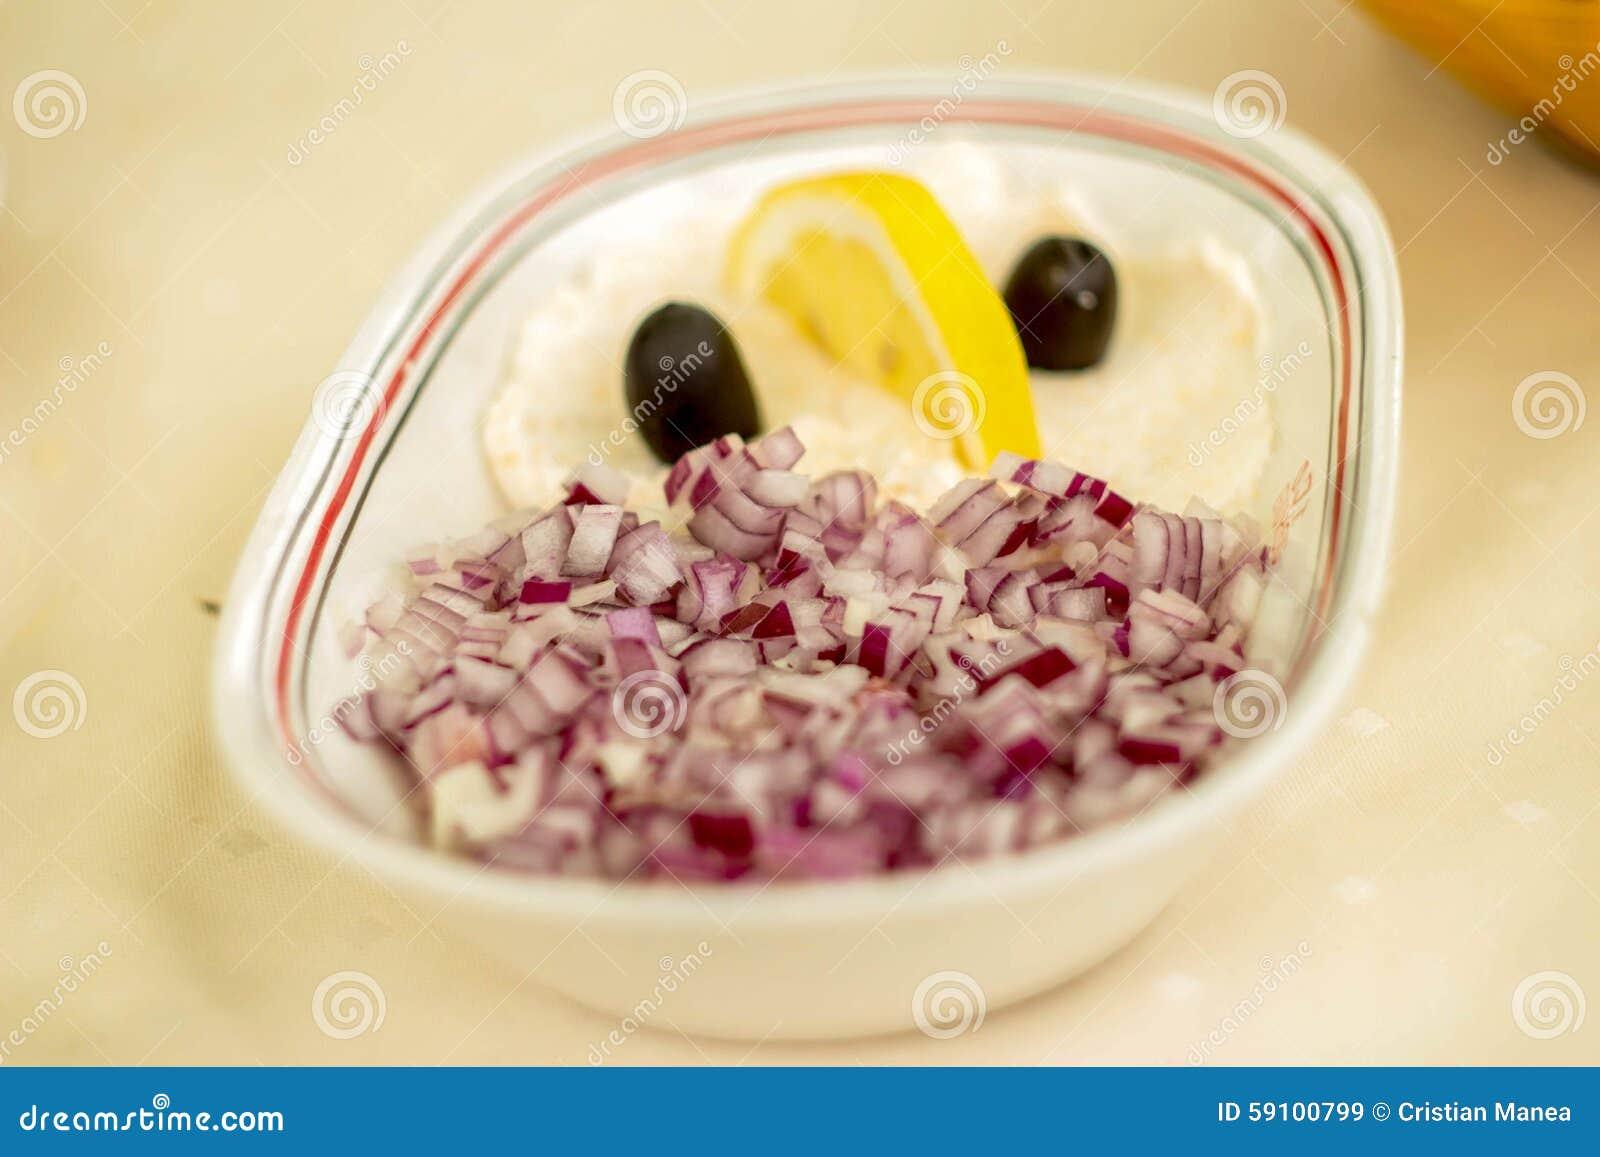 鱼子酱和切好的葱沙拉在陶瓷碗